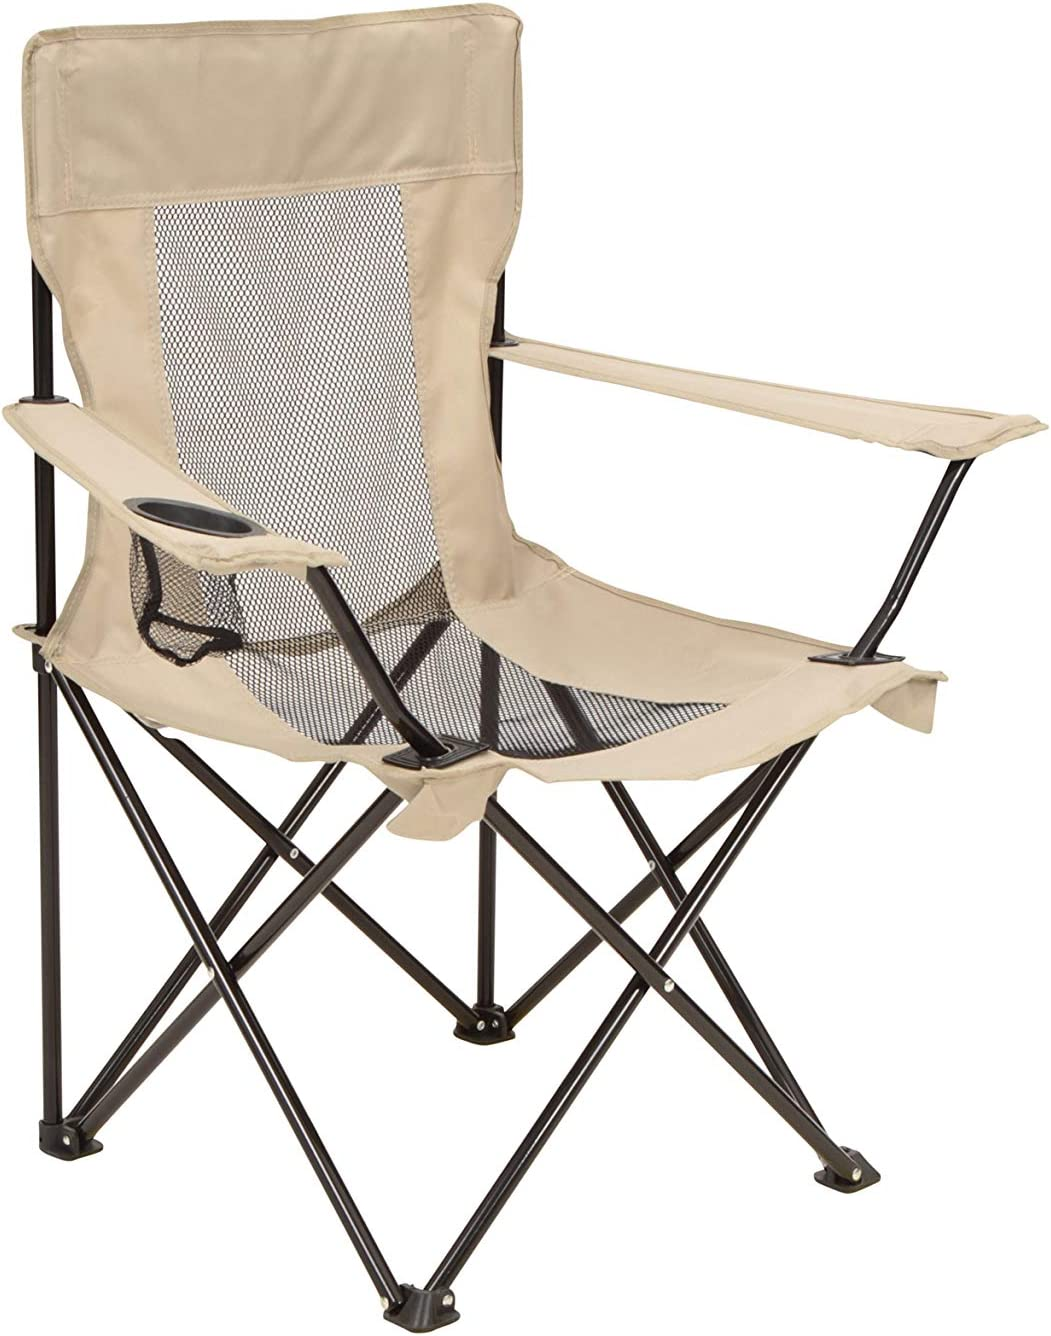 Facile /à Transporter et Portable Mountain Warehouse Chaise Pliante avec Filet ext/érieur Id/éale pour Pique-niques Mobilier de Camping l/éger Jardin r/ésistant